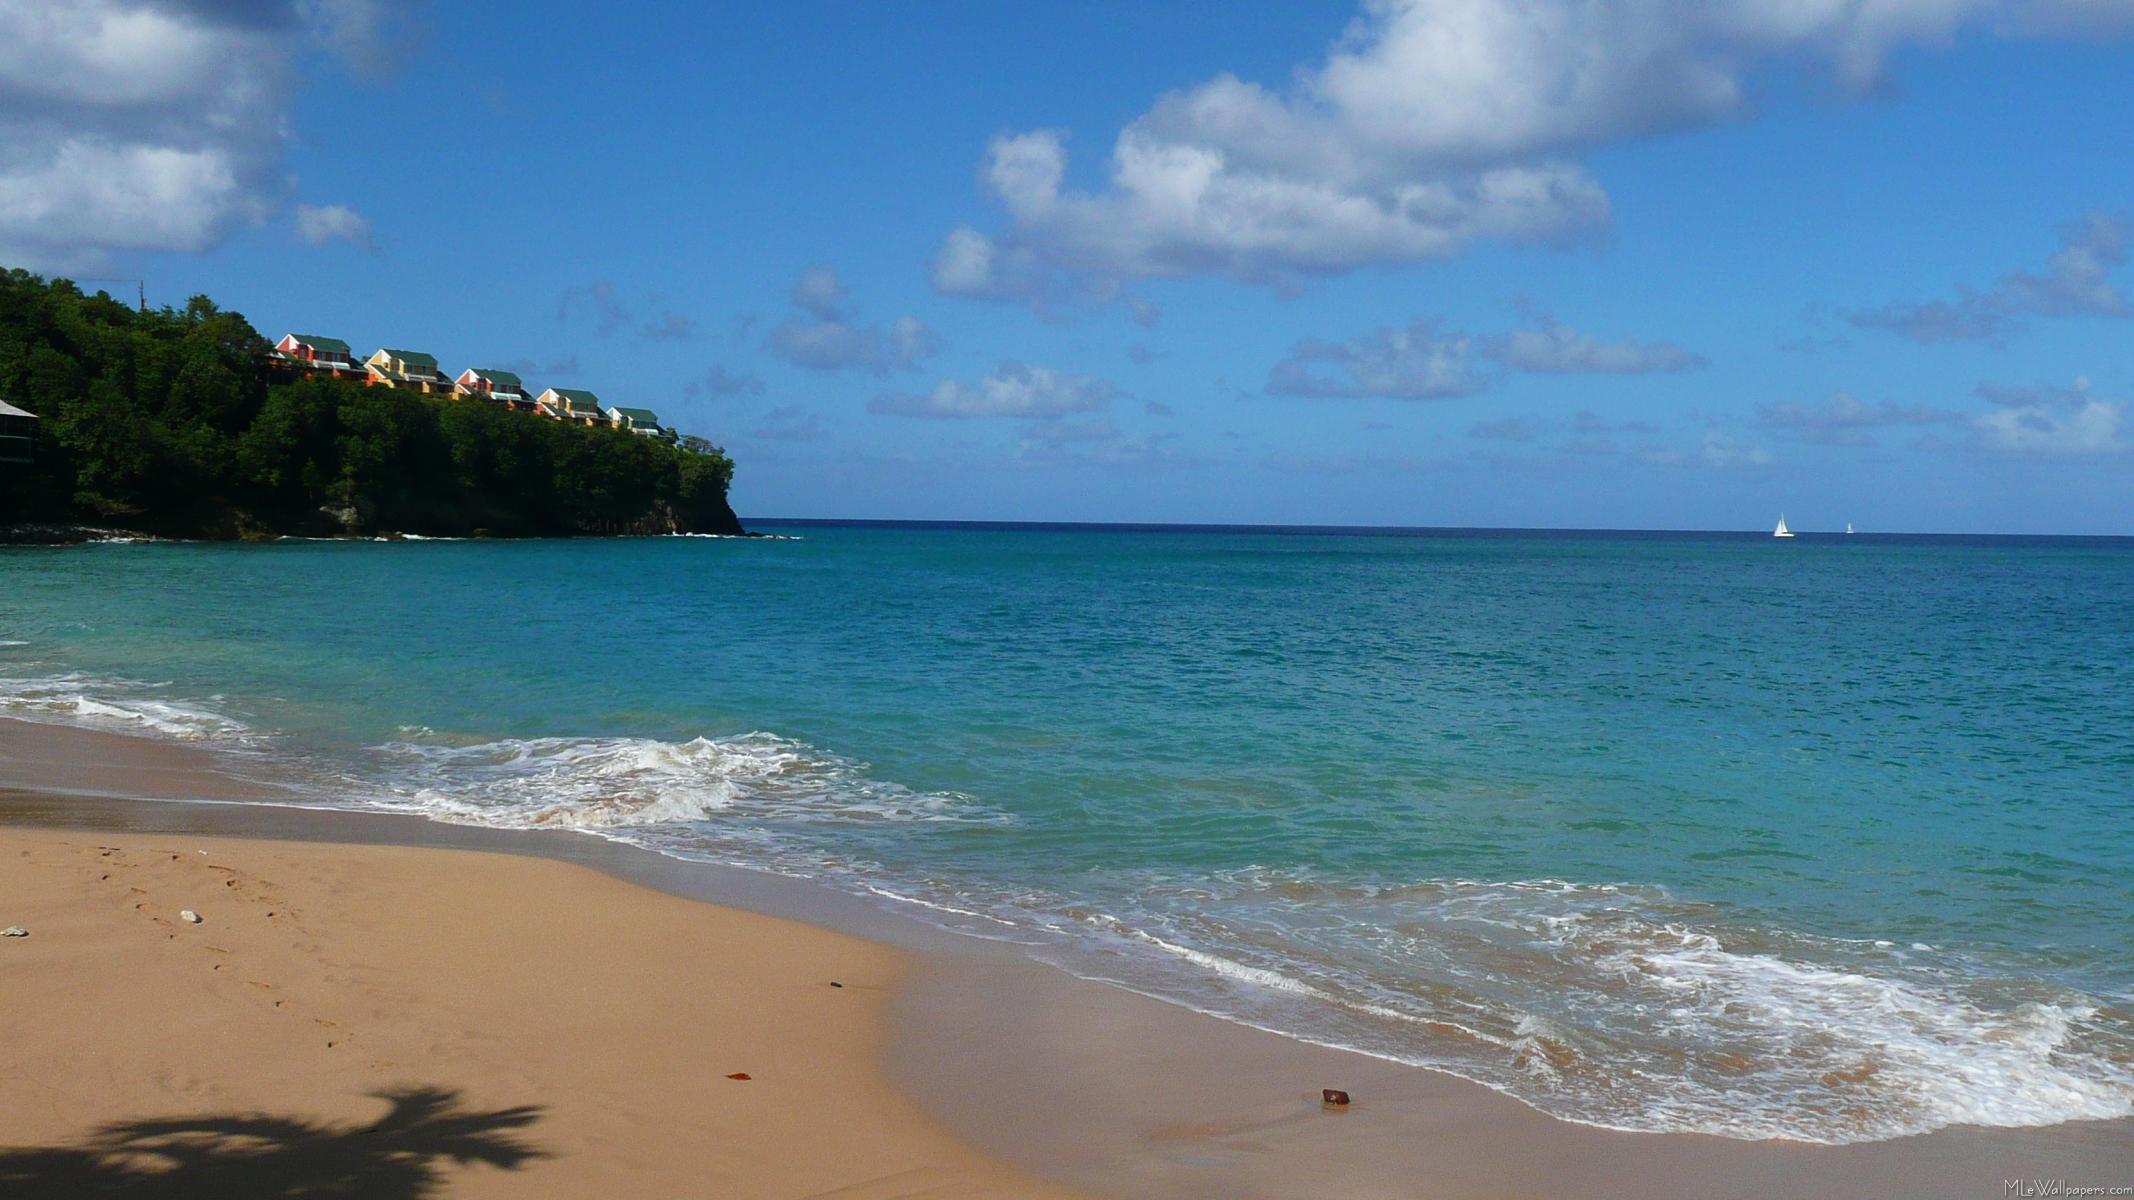 Saint Lucia Beach 2134x1200